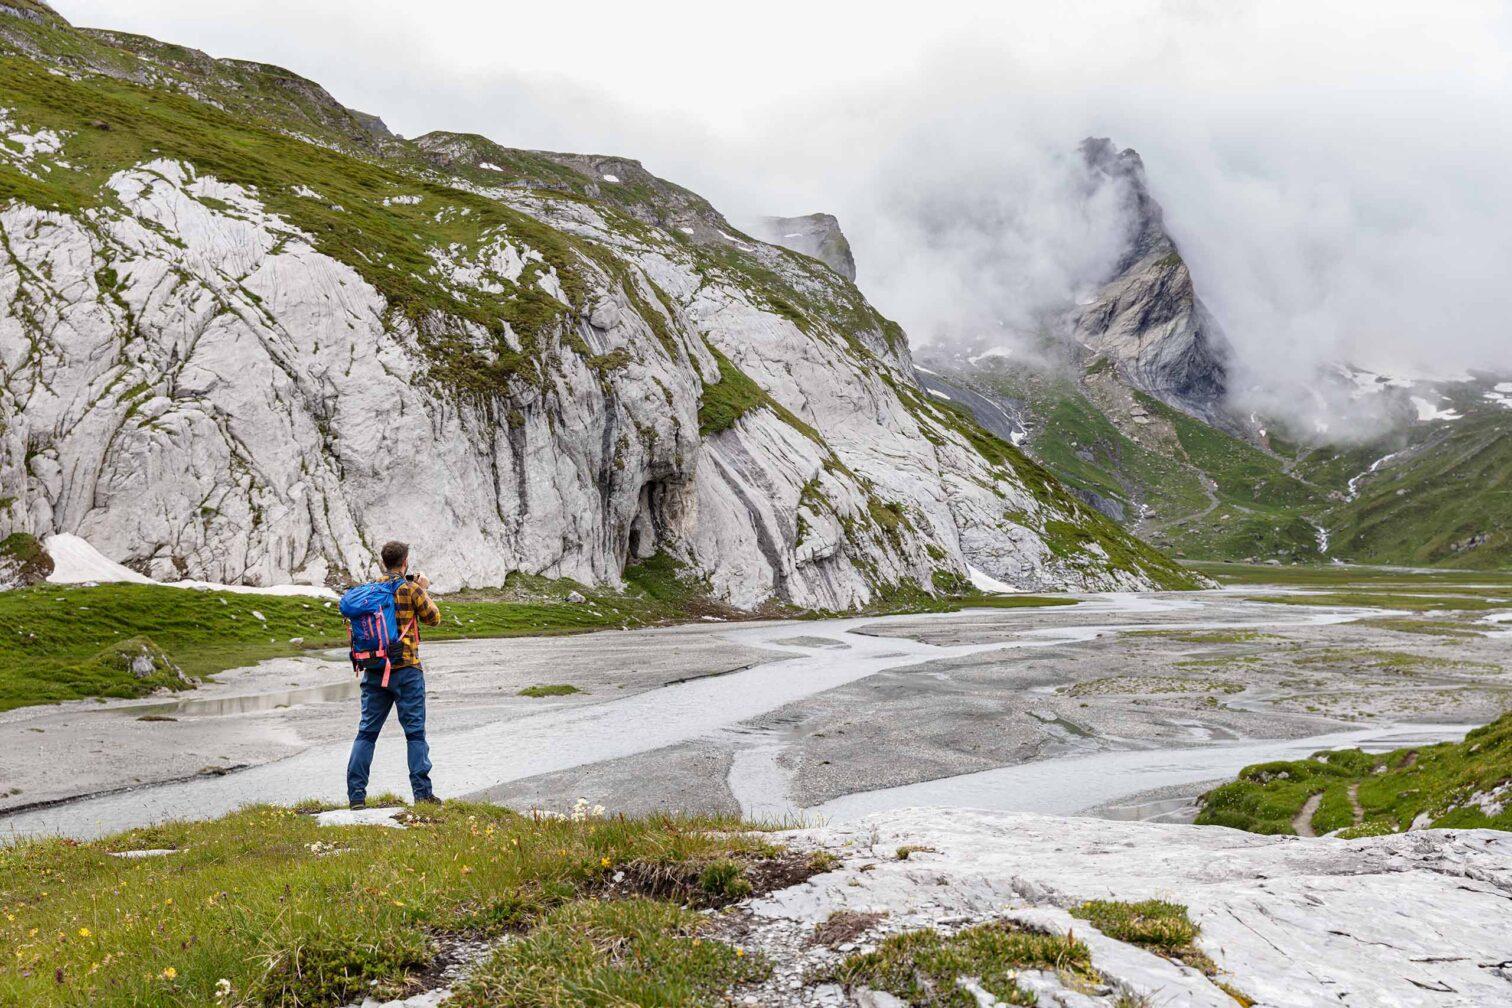 Graubünden Leben & Arbeiten - Der Outdoor-Fotograf